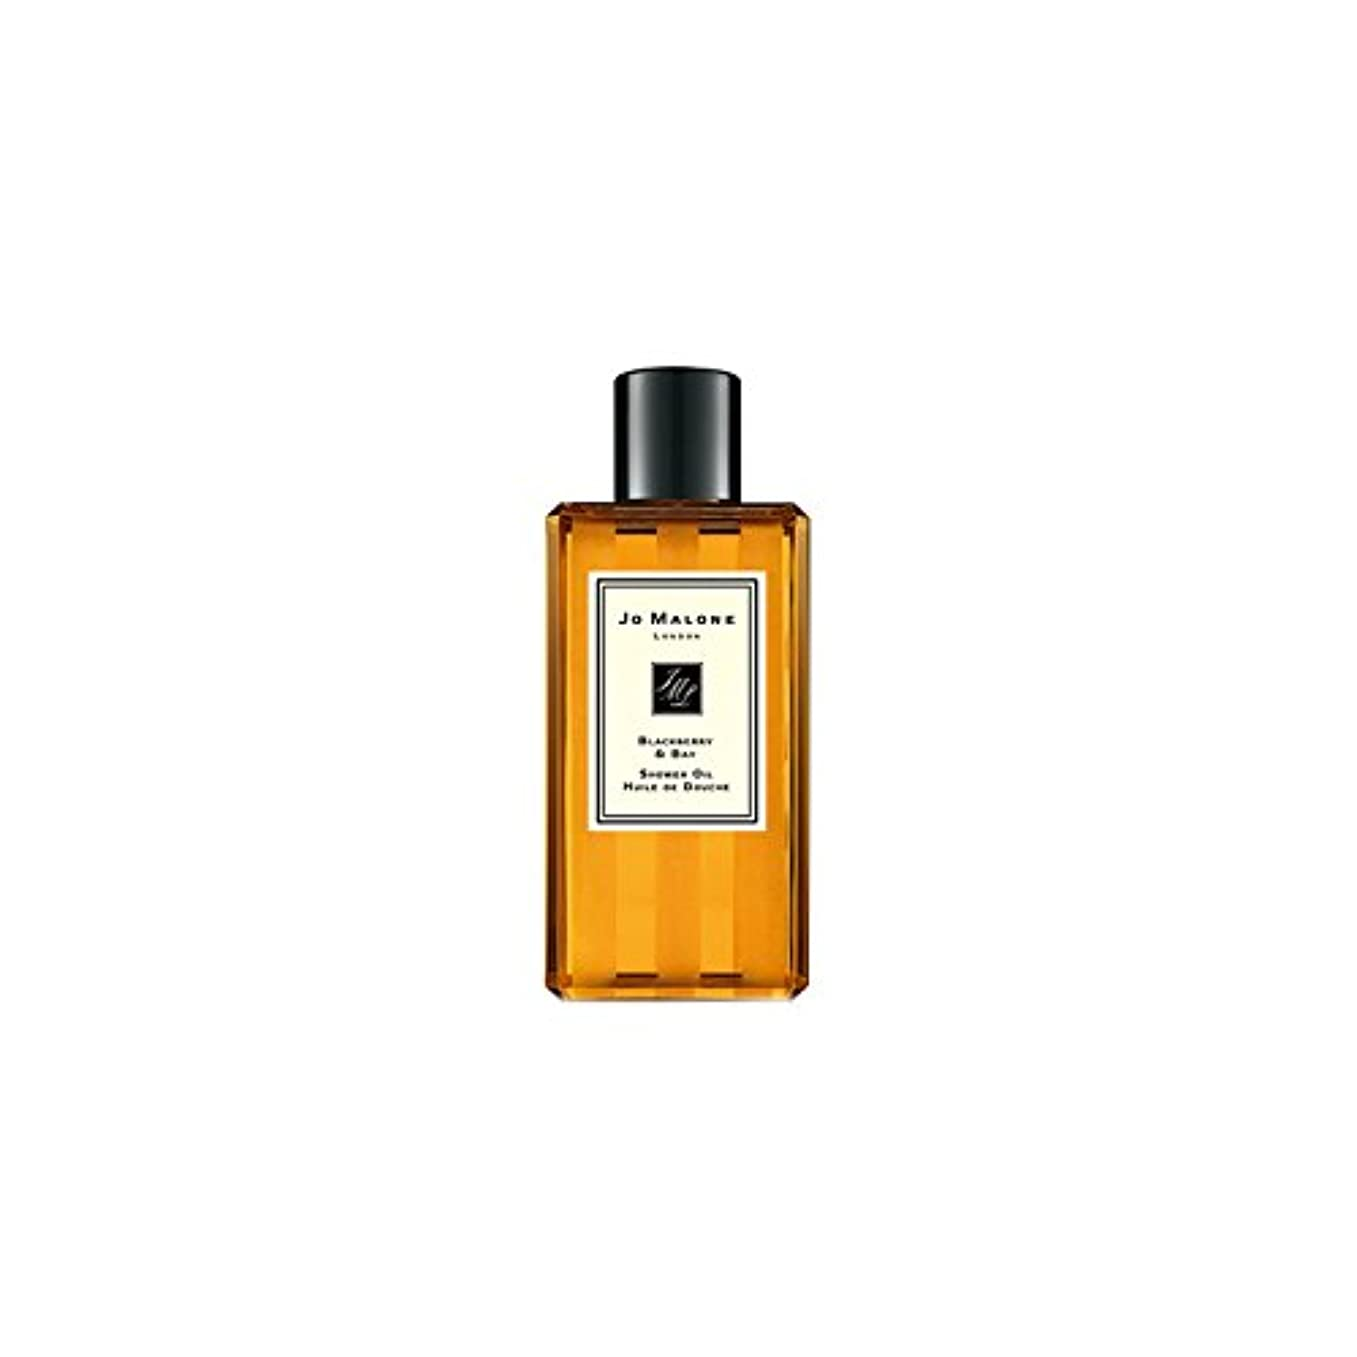 白内障ユダヤ人年次Jo Malone Blackberry & Bay Shower Oil - 250ml (Pack of 2) - ジョーマローンブラックベリー&ベイシャワーオイル - 250ミリリットル (x2) [並行輸入品]